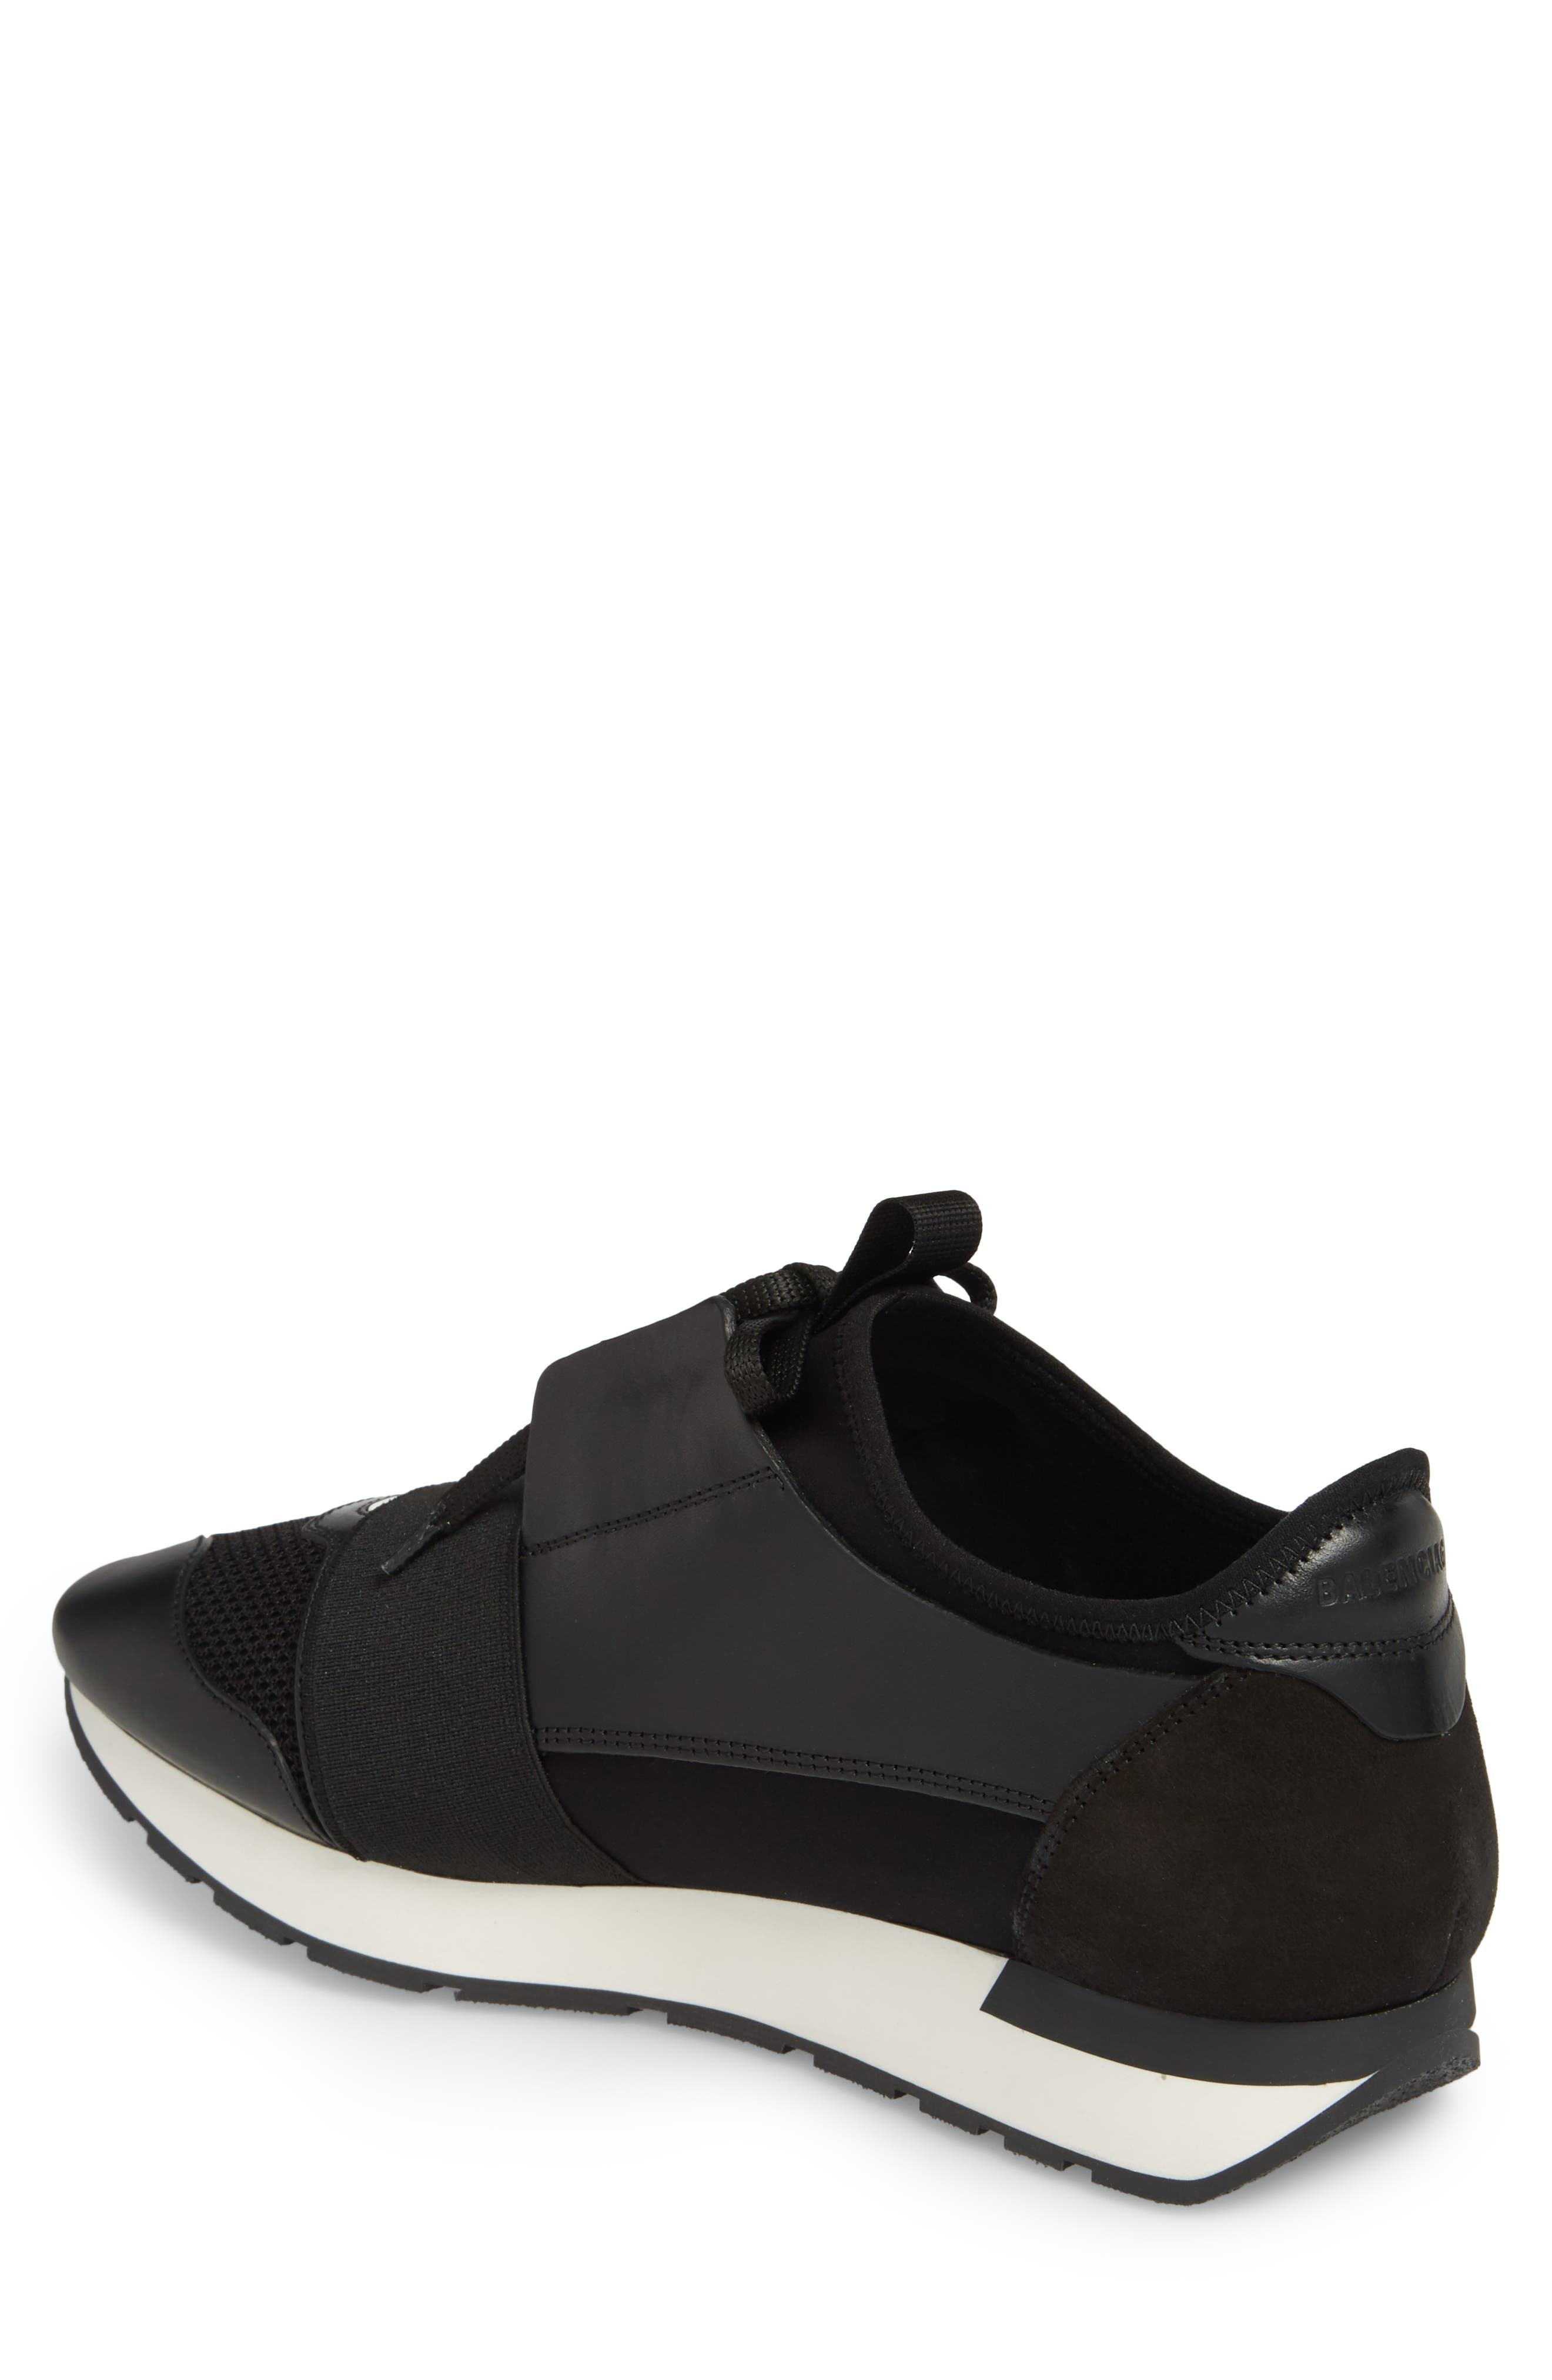 Race Runner Sneaker,                             Alternate thumbnail 2, color,                             Noir/ Black